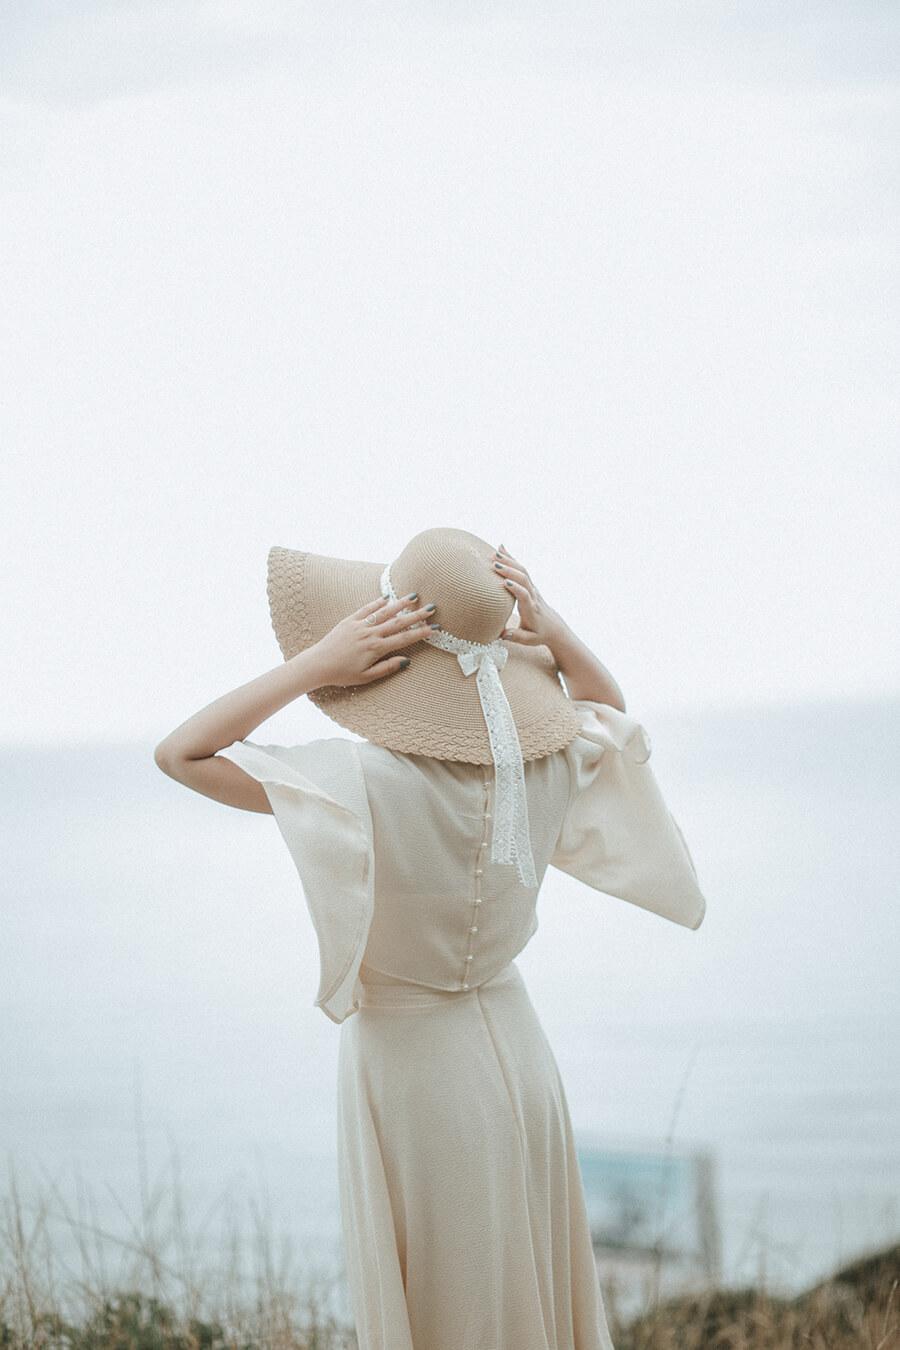 NW-009 - Cape Dress